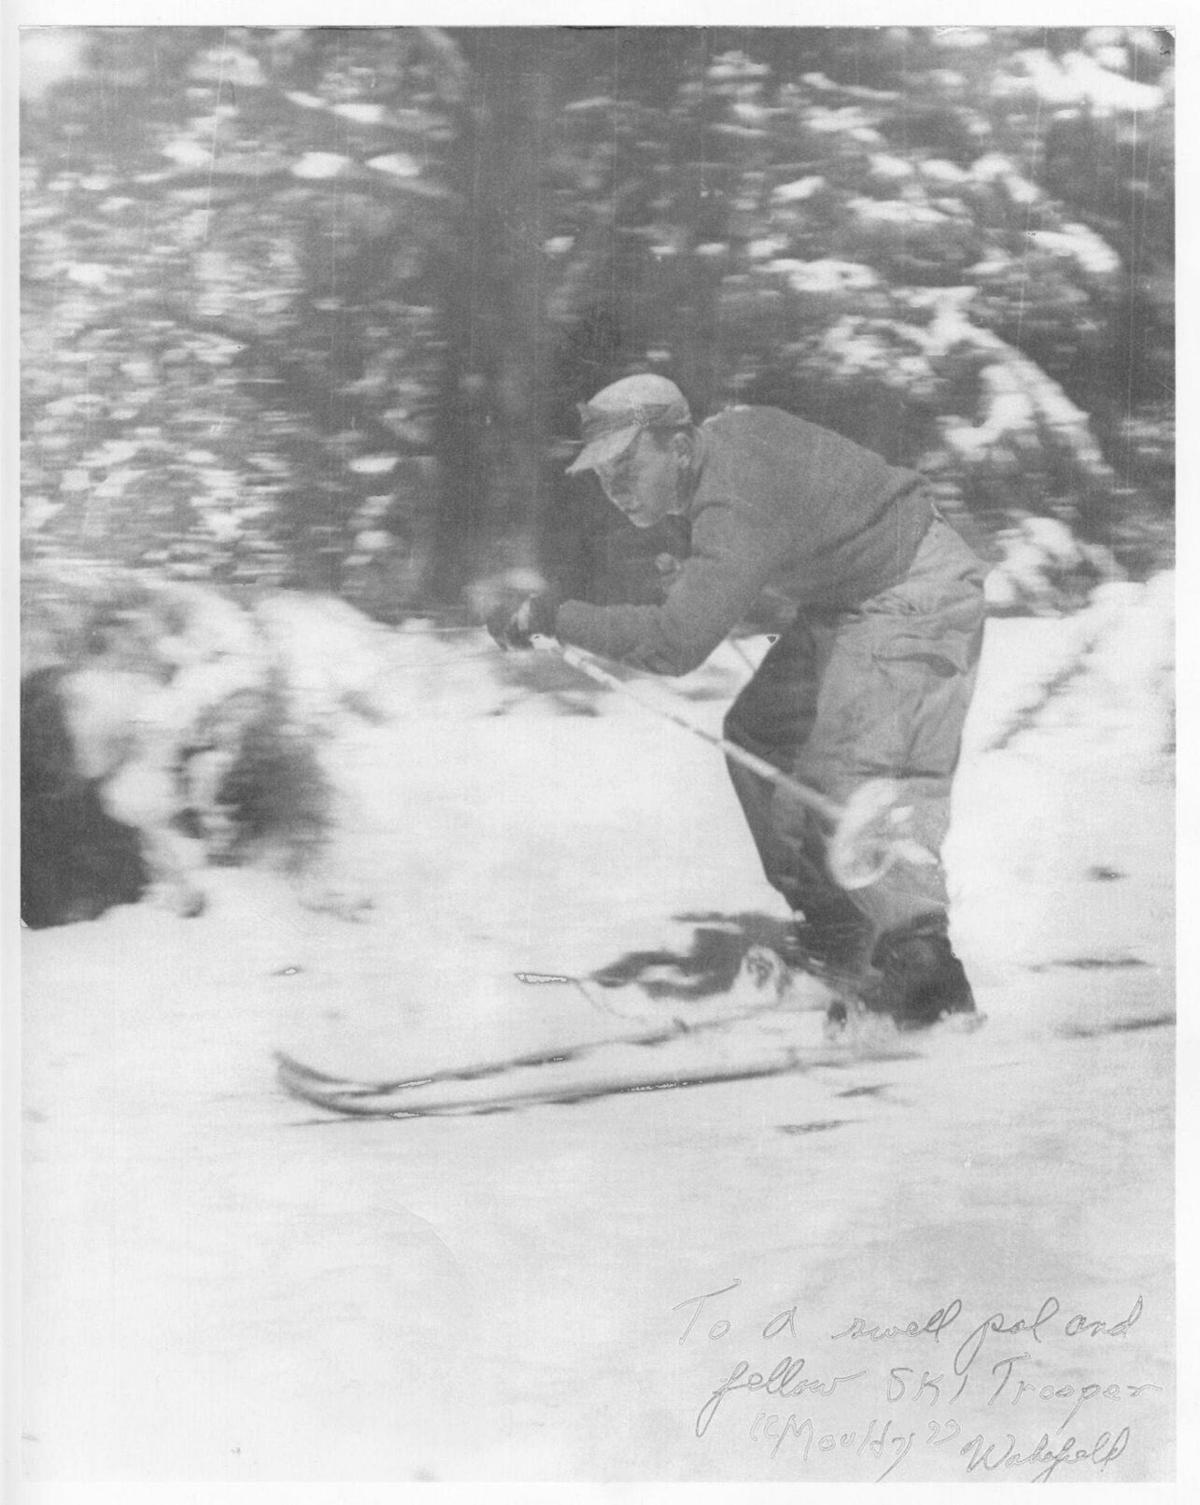 Bruce Wakefield skiing.jpg